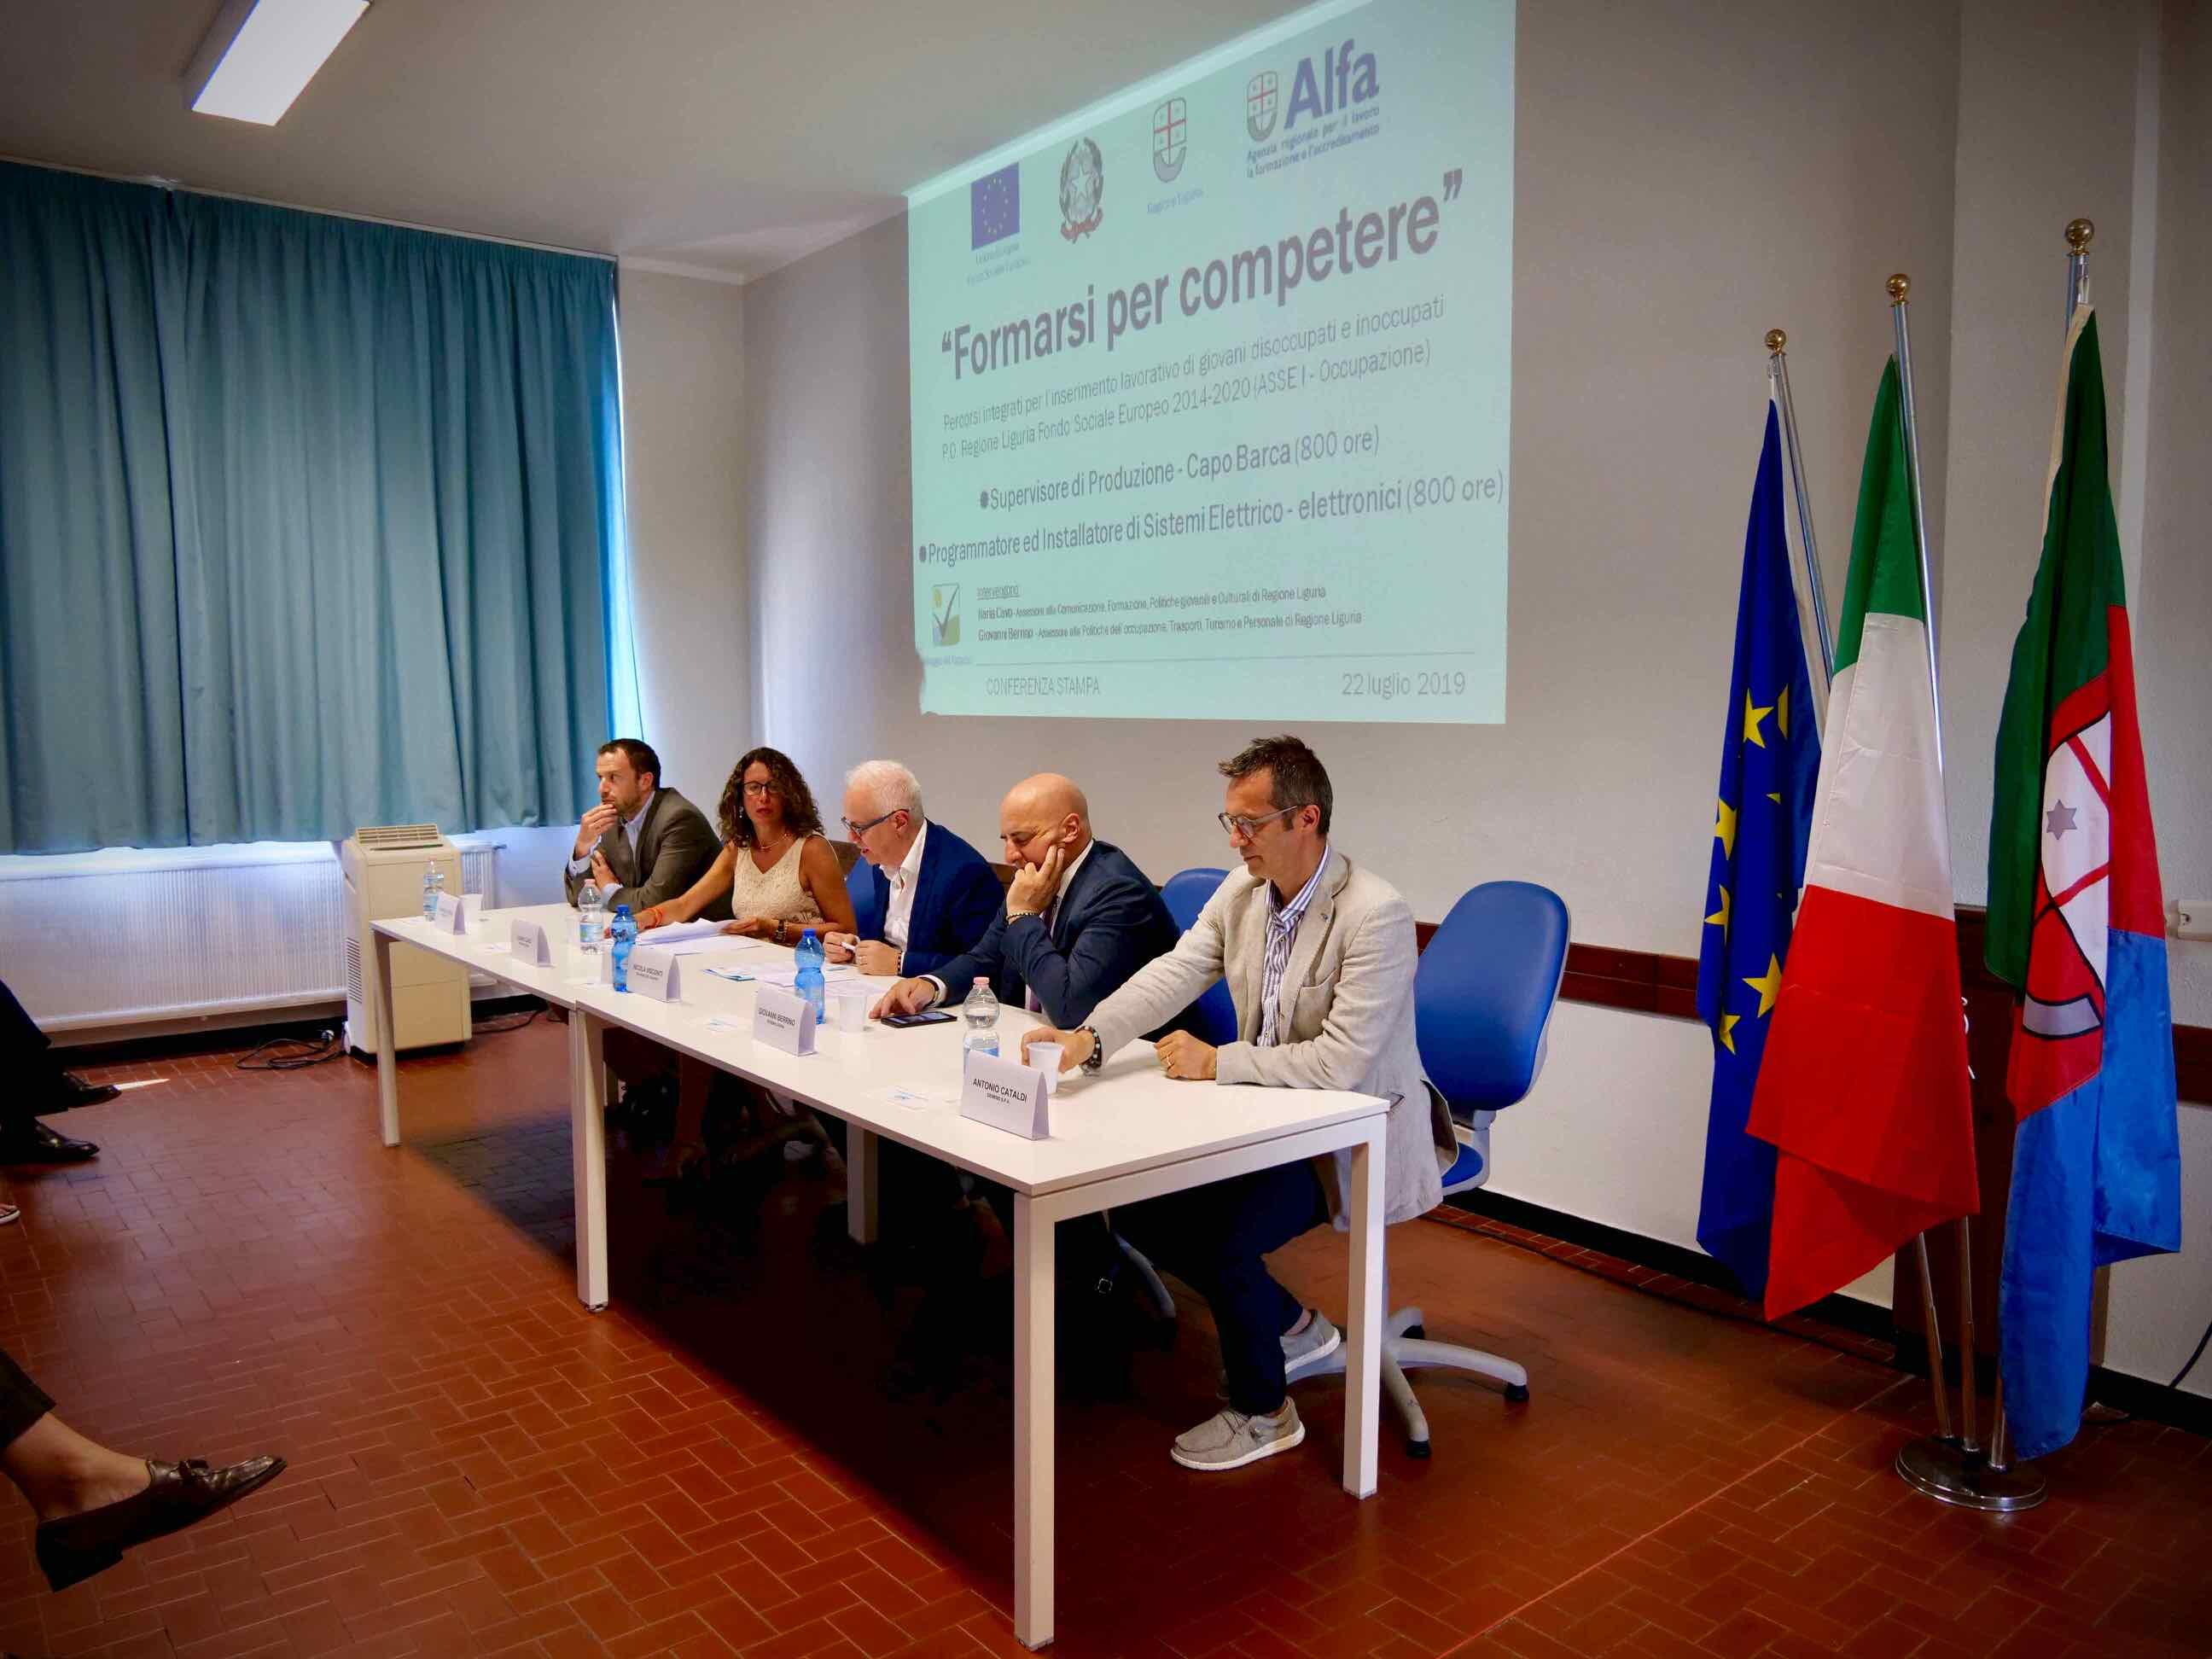 Conferenza Stampa presentazione Corsi Formarsi per Competere 2019.07.22 - 2